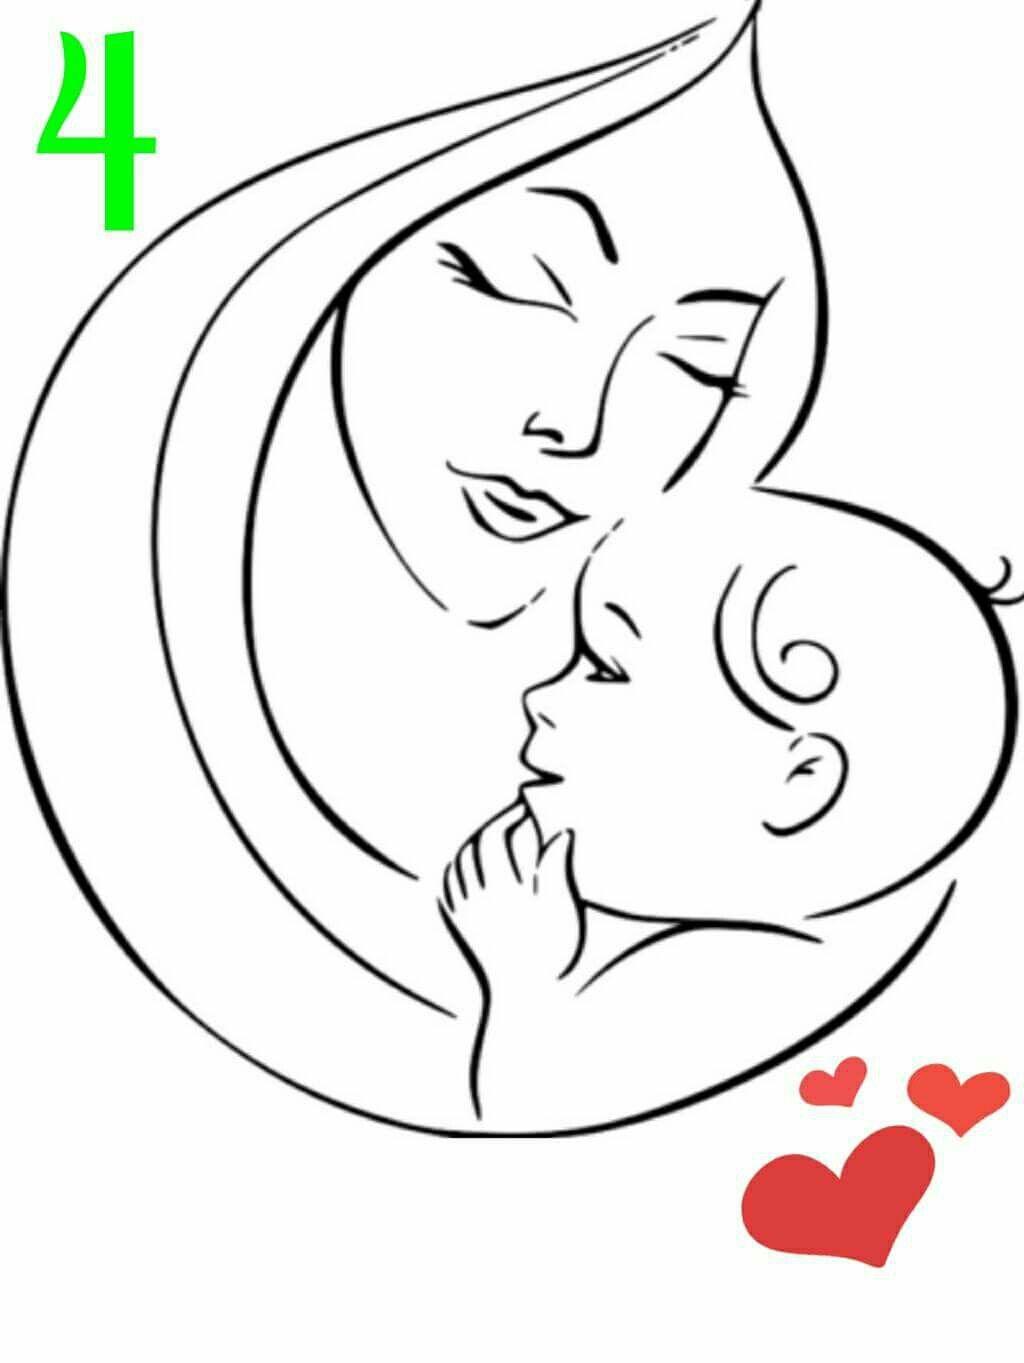 Pin By Beatriz Landin On Applikaciya Shablony Dlya Vyshivki Sketches Mom Art Drawing Images